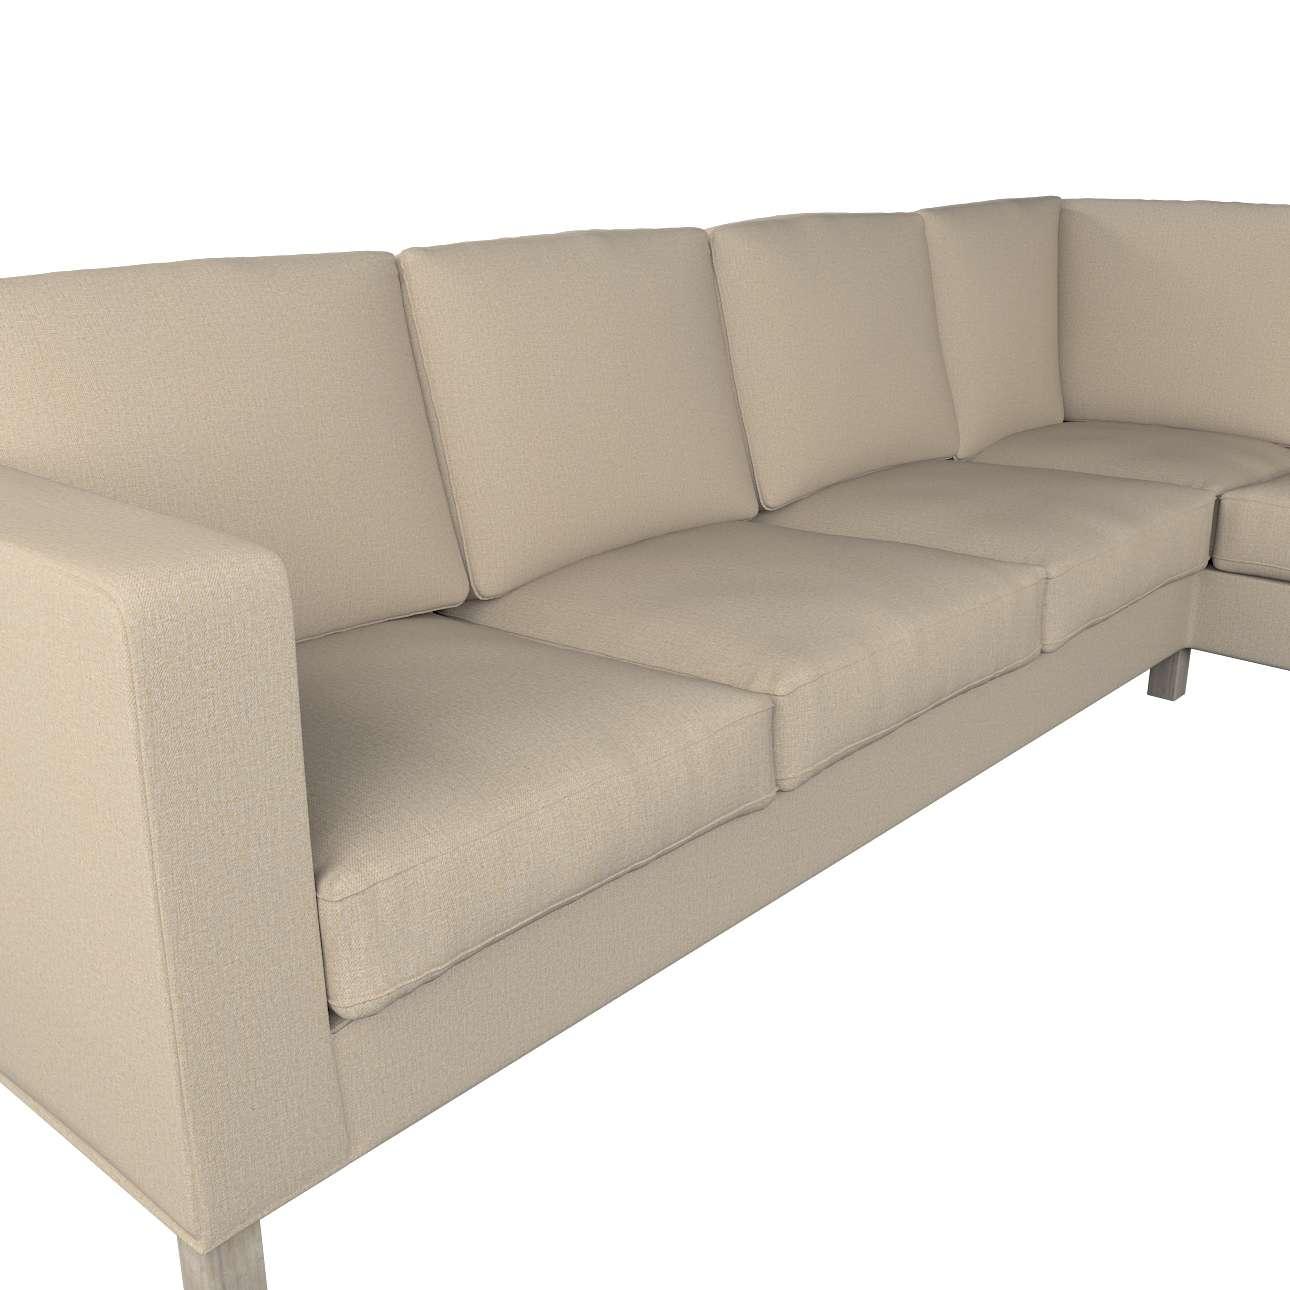 Pokrowiec na sofę narożną lewostronną Karlanda w kolekcji Edinburgh, tkanina: 115-78